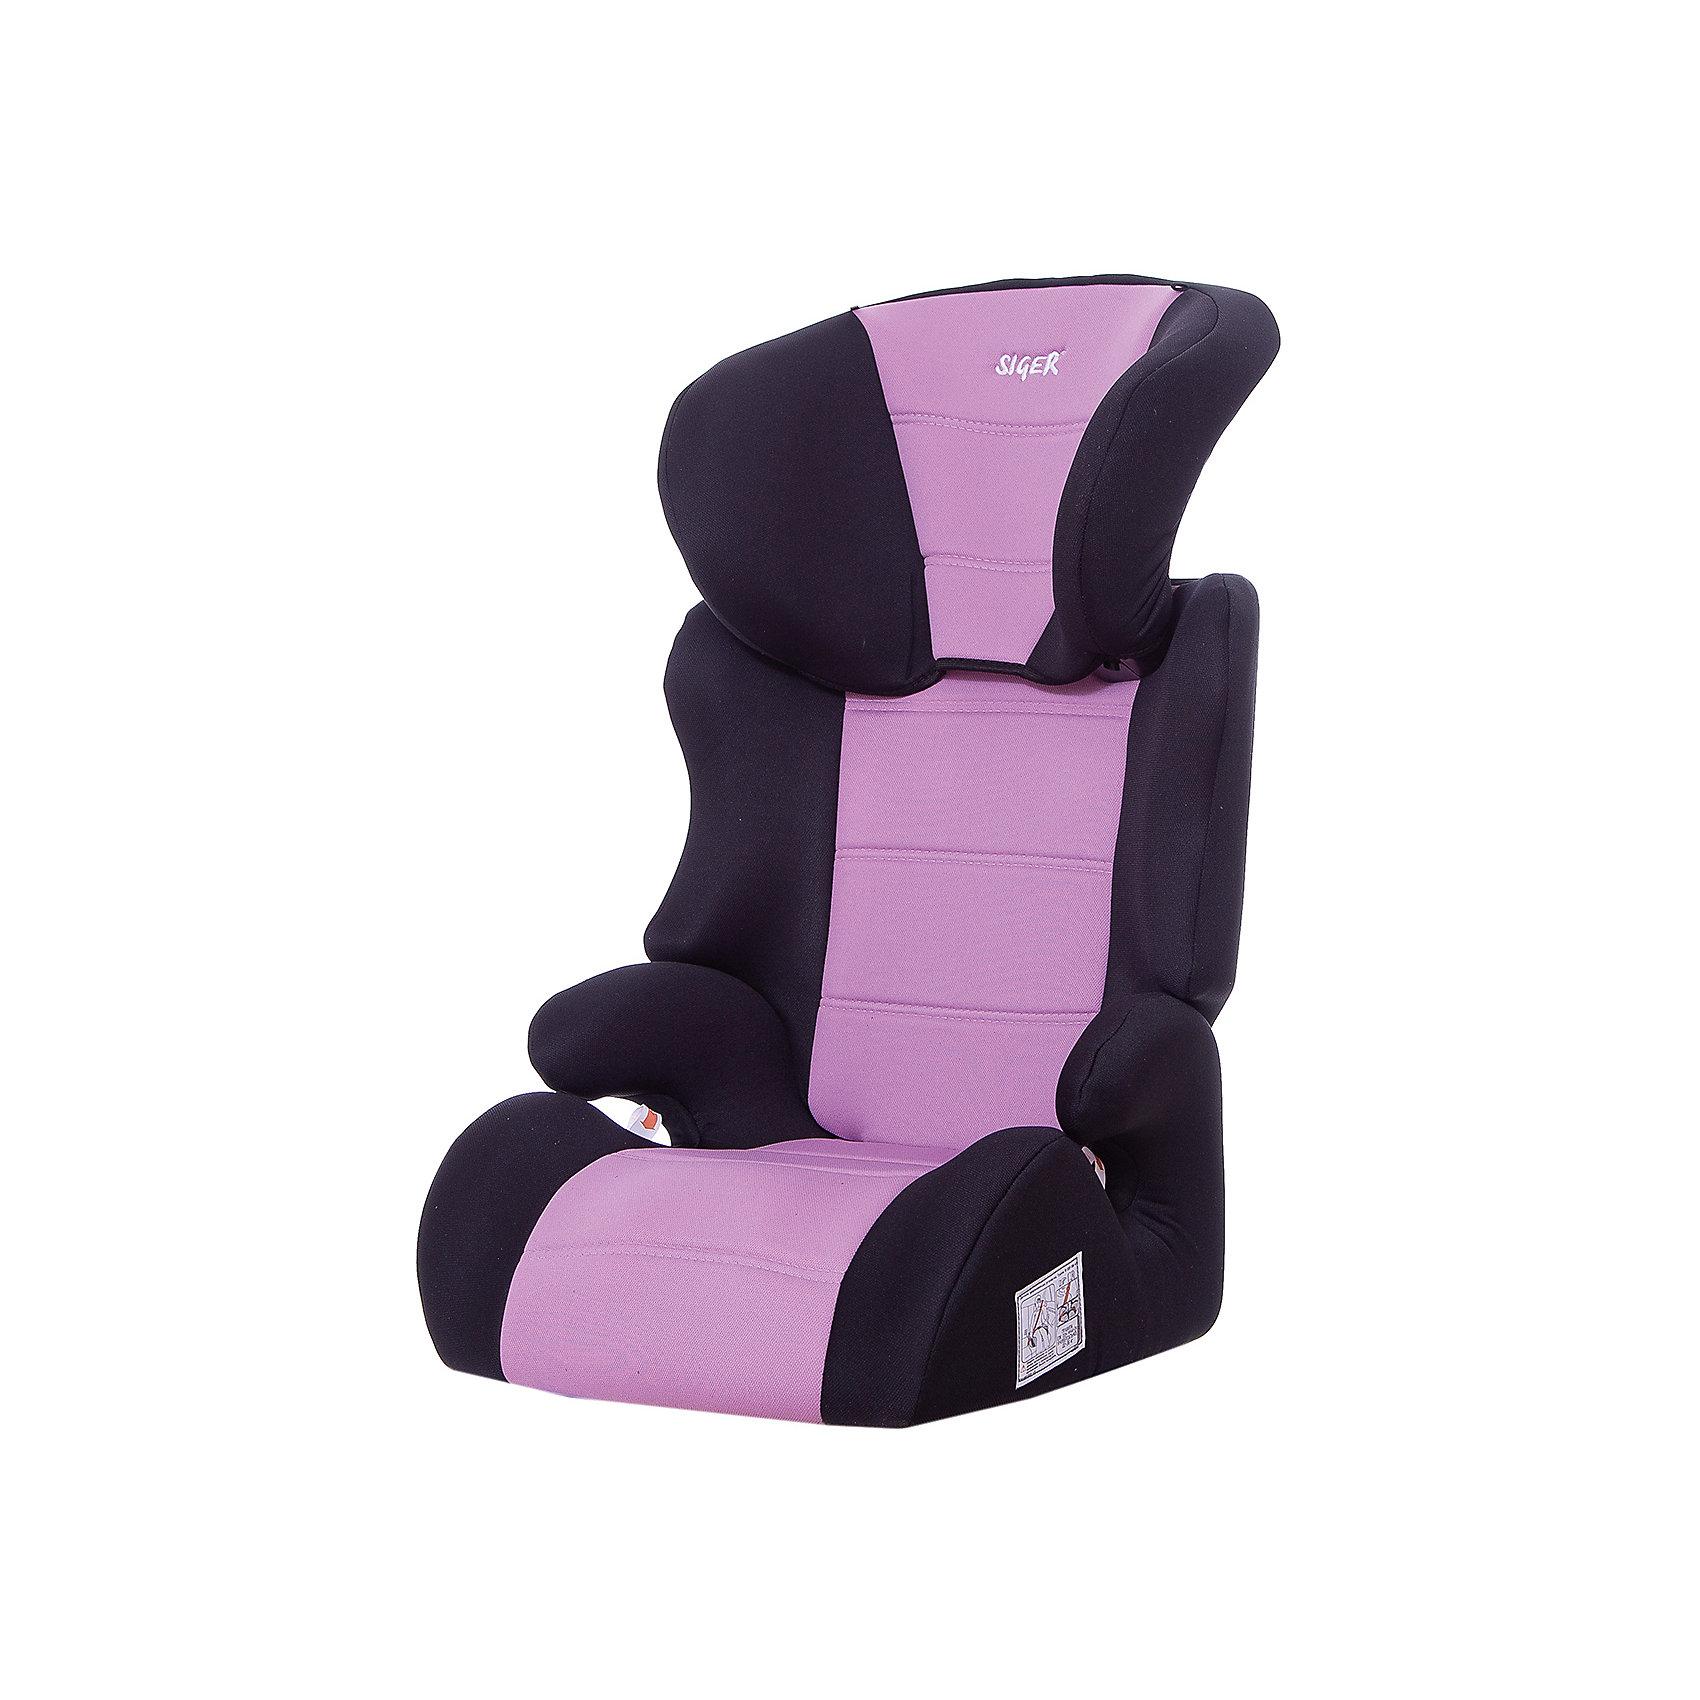 Автокресло Смарт, 15-36 кг., Siger, фиолетовыйАвтокресло Смарт - прекрасное кресло для уже подросших малышей! Ортопедическая спинка и уникальная форма подголовника защитят ребенка от боковых ударов. Спинка регулируется в 3 положениях, что позволяет креслу адаптироваться под наклон сидений автомобиля. Подголовник регулируется в 6 положениях, подстраиваясь под рост ребенка. Округлая форма сиденья предохраняет ножки малышей от затекания и натирания в процессе езды. Когда ваш ребенок подрастет, вы легко сможете трансформировать автокресло в удобный бустер. Модель изготовлена из высококачественных прочных материалов, имеет износостойкий внешний  чехол, который легко снимается для стирки. <br><br>Дополнительная информация:<br><br>- Материал: пластик, текстиль.<br>- Вес ребенка: 15-36 кг. ( 3-12 лет).<br>- Группа 2-3.<br>- Ширина посадочного места: 31 см.<br>- Глубина посадочного места: 33 см.<br>- Высота посадочного места: 10 см.<br>- Высота кресла: 70см.<br>- Ширина кресла: 45см <br>- Вес кресла: 4,7 кг.<br>- Регулировка спинки: в 3-х положениях.<br>- Регулировка подголовника: в 6-ти положениях.<br>- Ортопедическая спинка.<br>- Трансформируется в бустер.<br>- Цвет: фиолетовый. <br>- Стирка: ручная, машинная ( при 30 ? ).<br>- Способ установки: лицом вперед.<br><br>Автокресло Смарт, 15-36 кг., Siger (Сигер), фиолетовое, можно купить в нашем магазине.<br><br>Ширина мм: 515<br>Глубина мм: 450<br>Высота мм: 700<br>Вес г: 4700<br>Возраст от месяцев: 36<br>Возраст до месяцев: 144<br>Пол: Унисекс<br>Возраст: Детский<br>SKU: 3999716